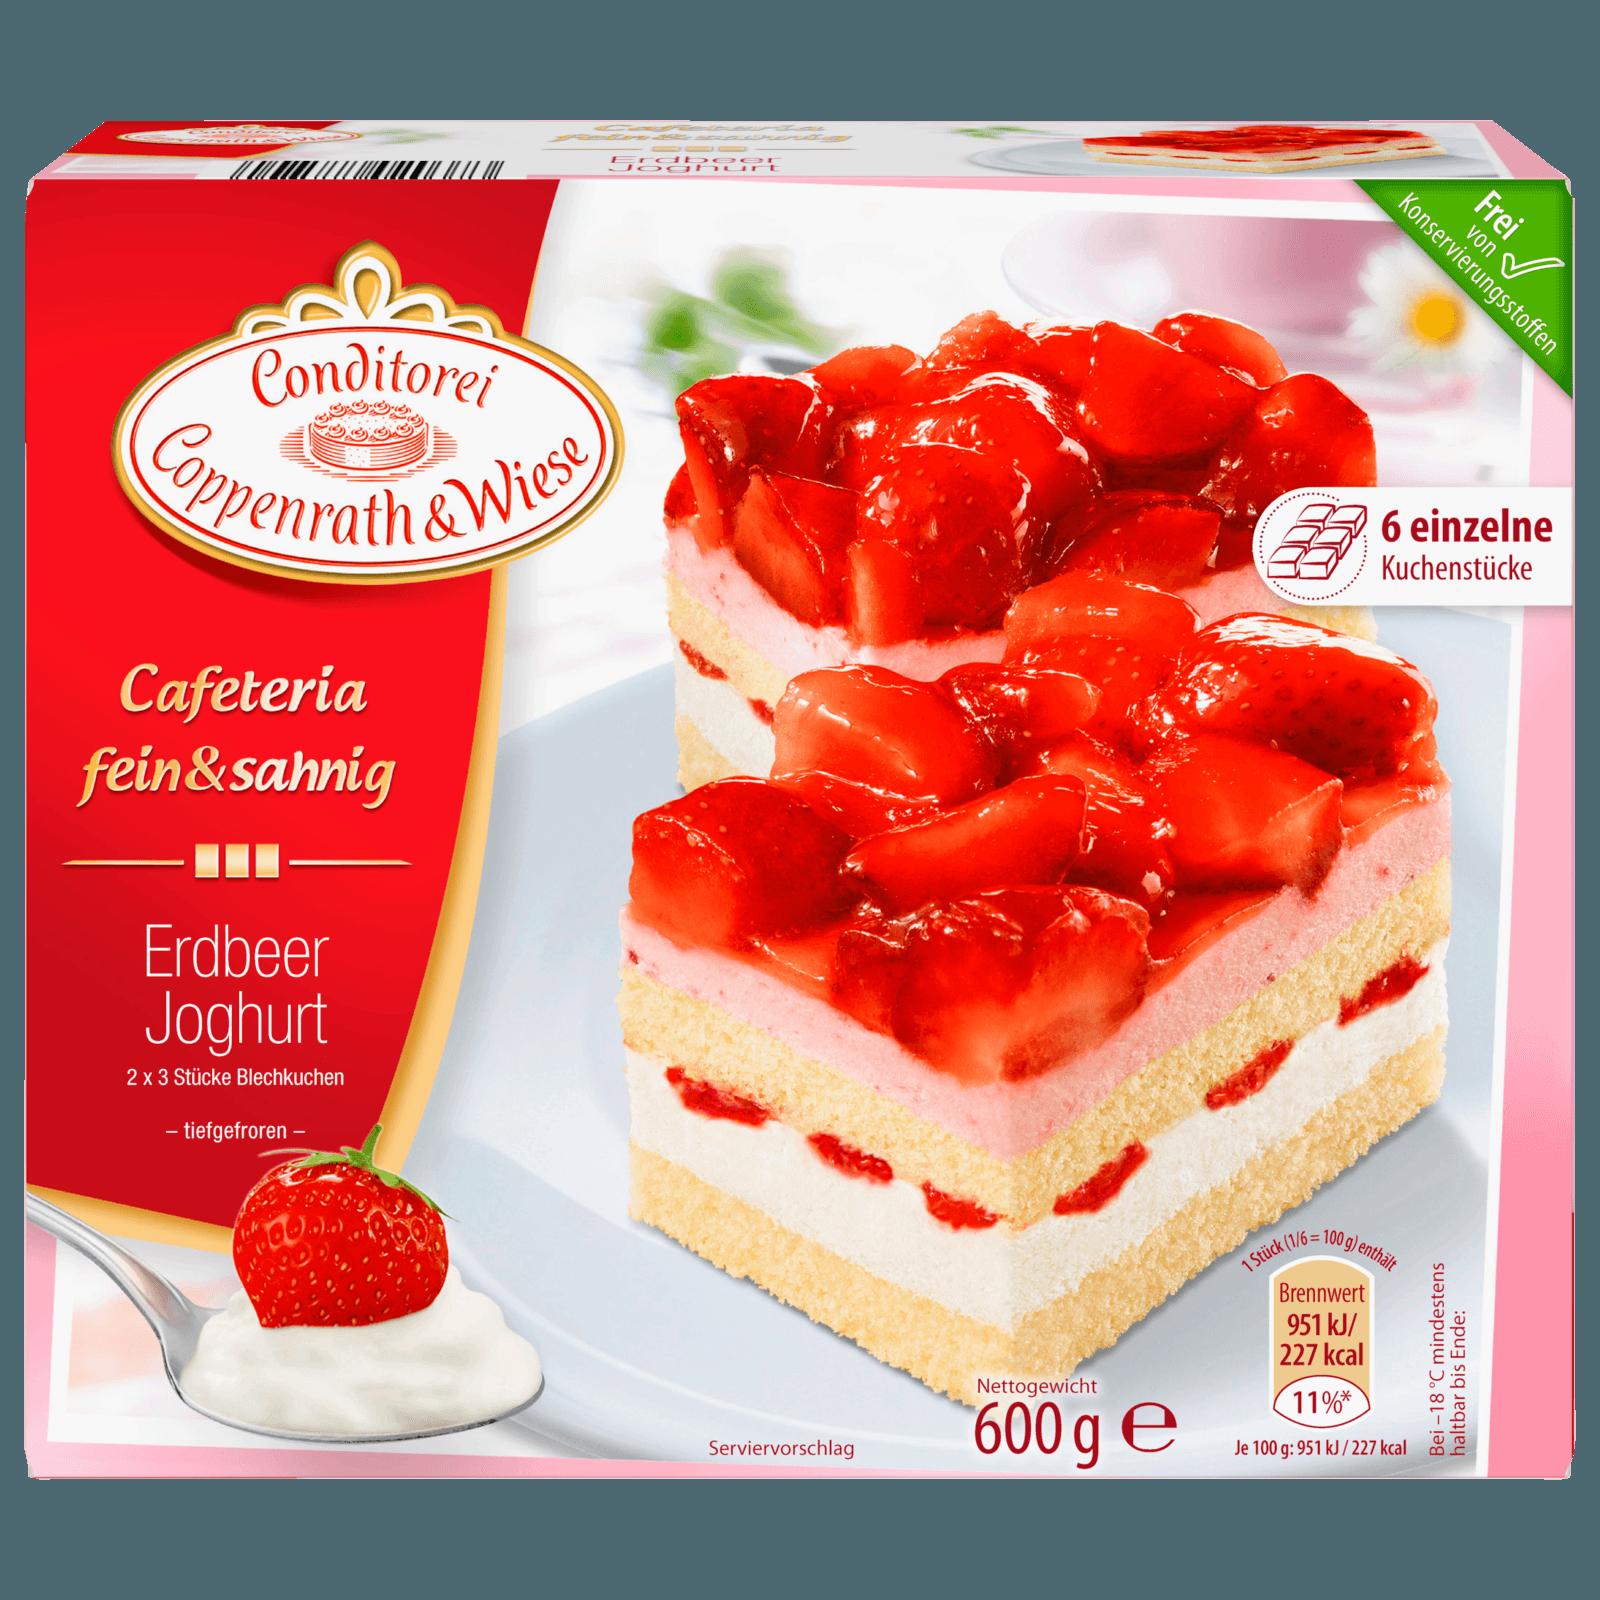 Coppenrath Wiese Cafeteria Erdbeer Joghurt Fein Sahnig 600g 6